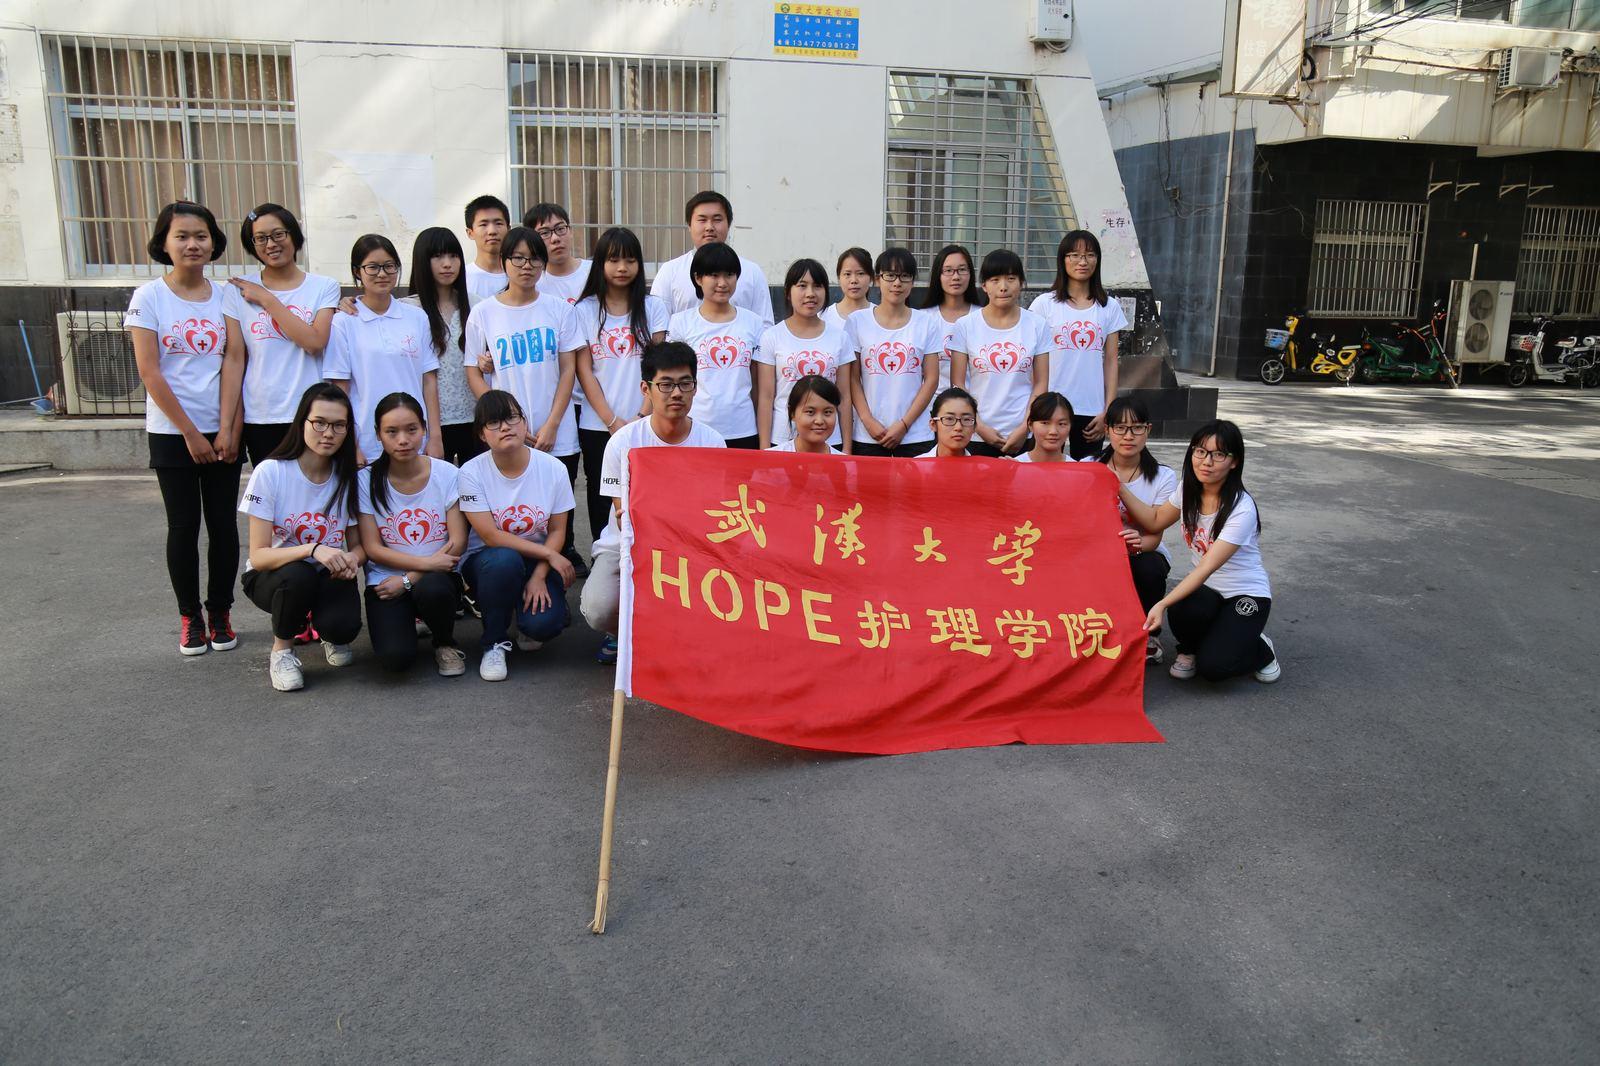 武汉大学2015校运会校旗传递活动启动仪式开启